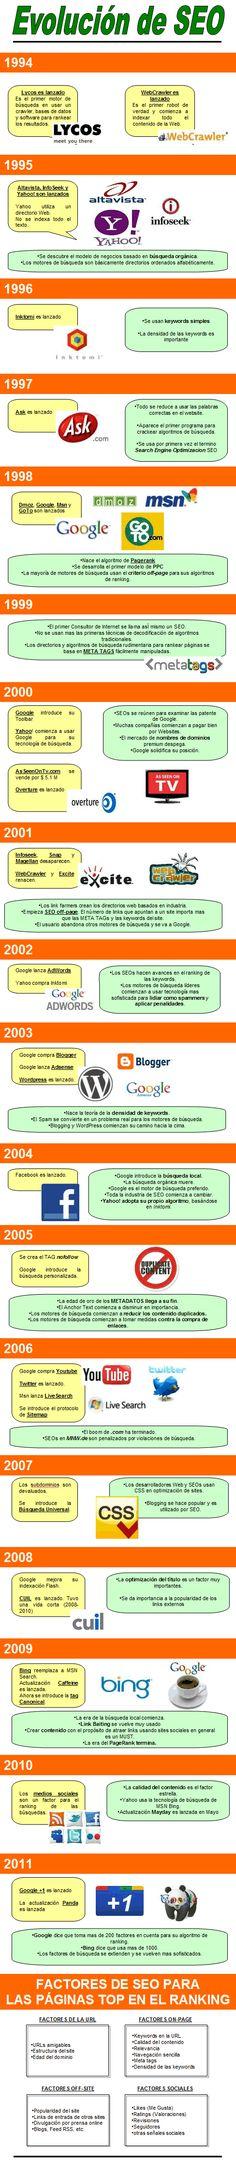 Evolución de #SEO #Infografía #infographic